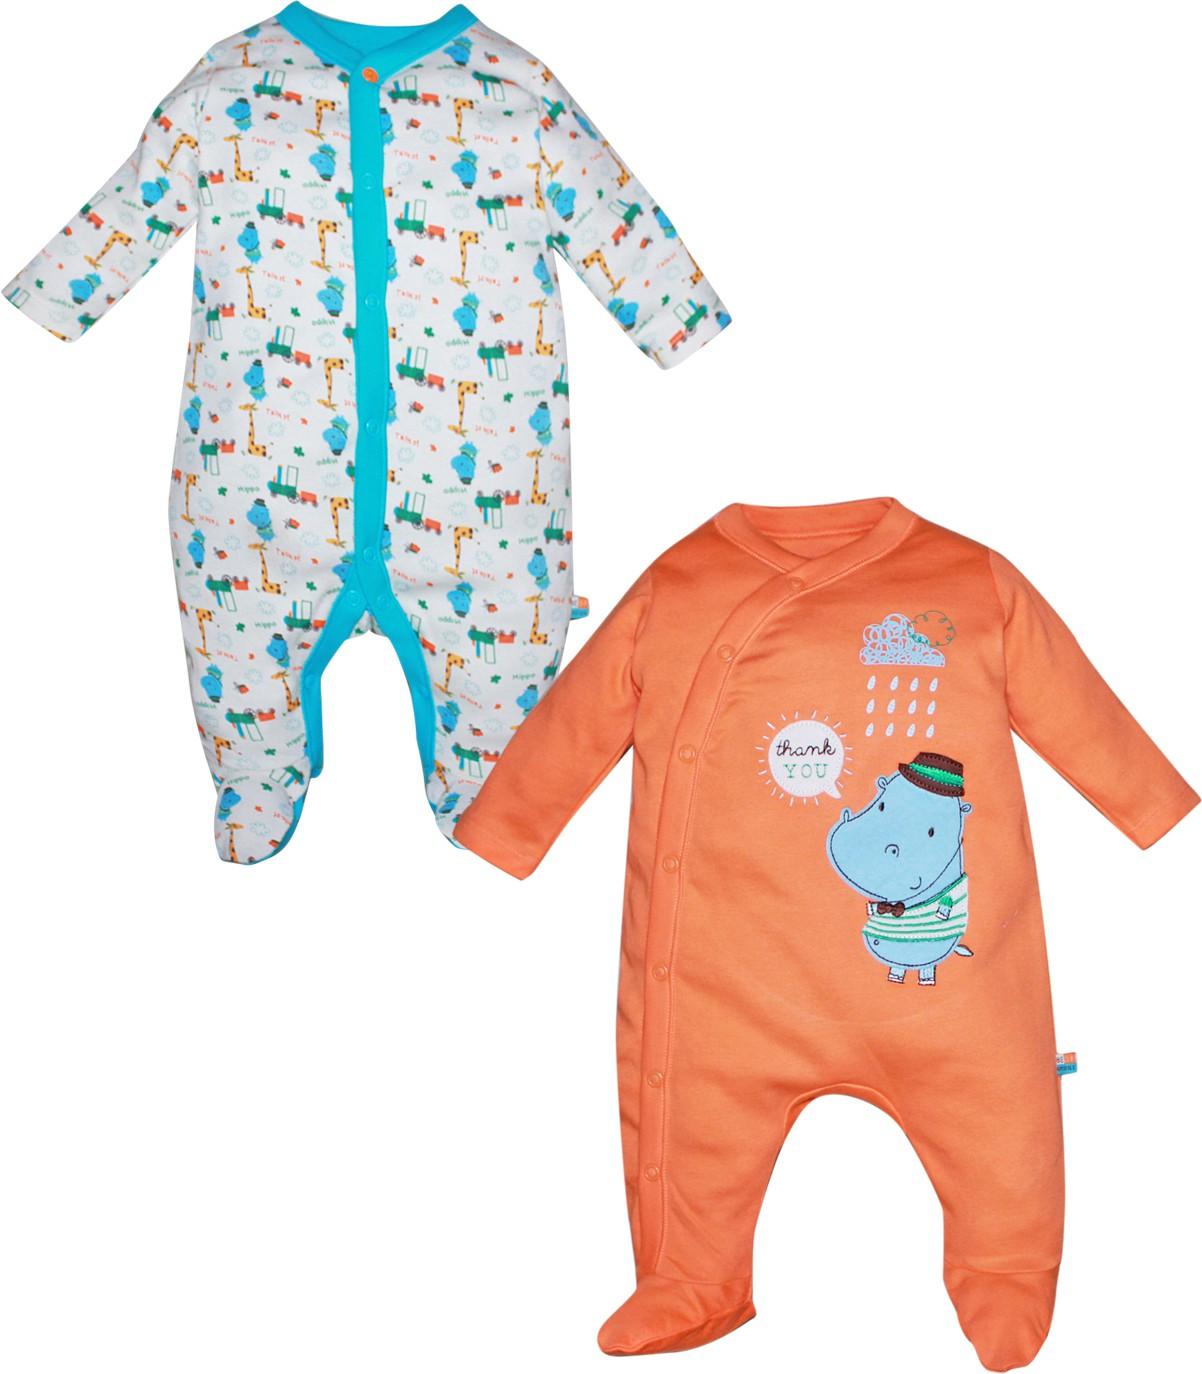 e0a38e5e8aba Boys  Clothing - Sleepwear - Hot Price Drops